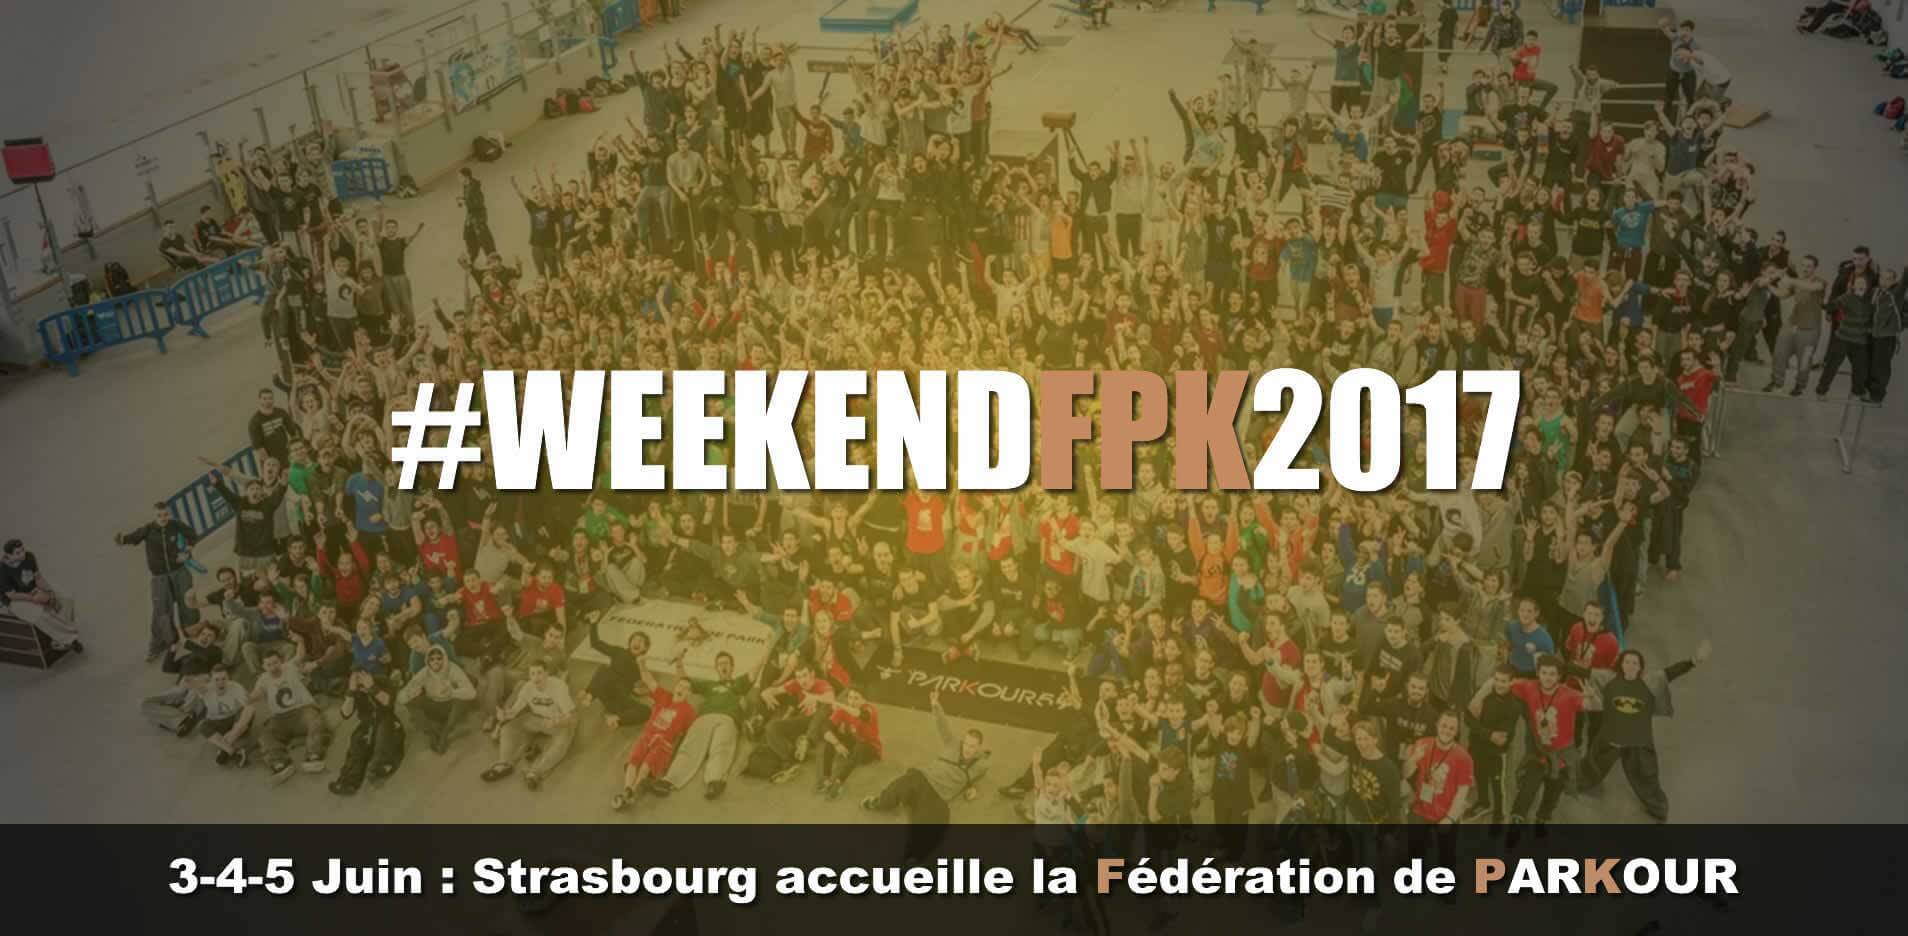 Weekend FPK 2017